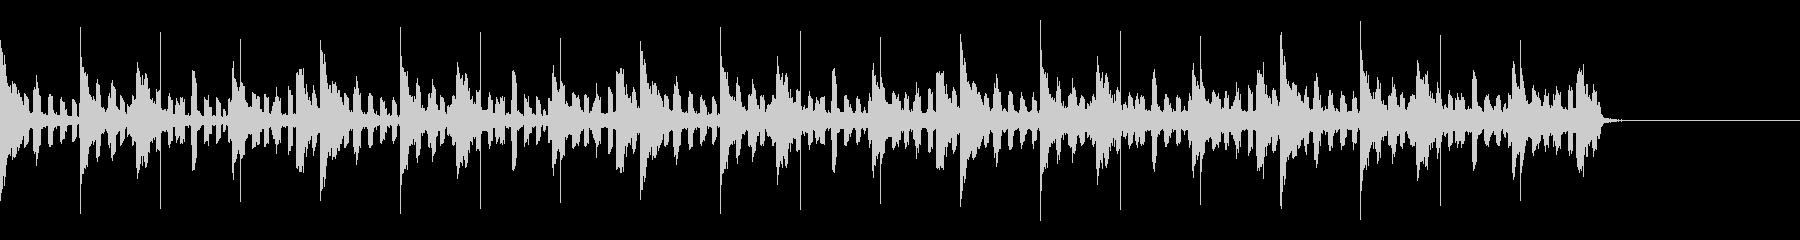 ピアノと電子音のジャズEDMサウンドの未再生の波形